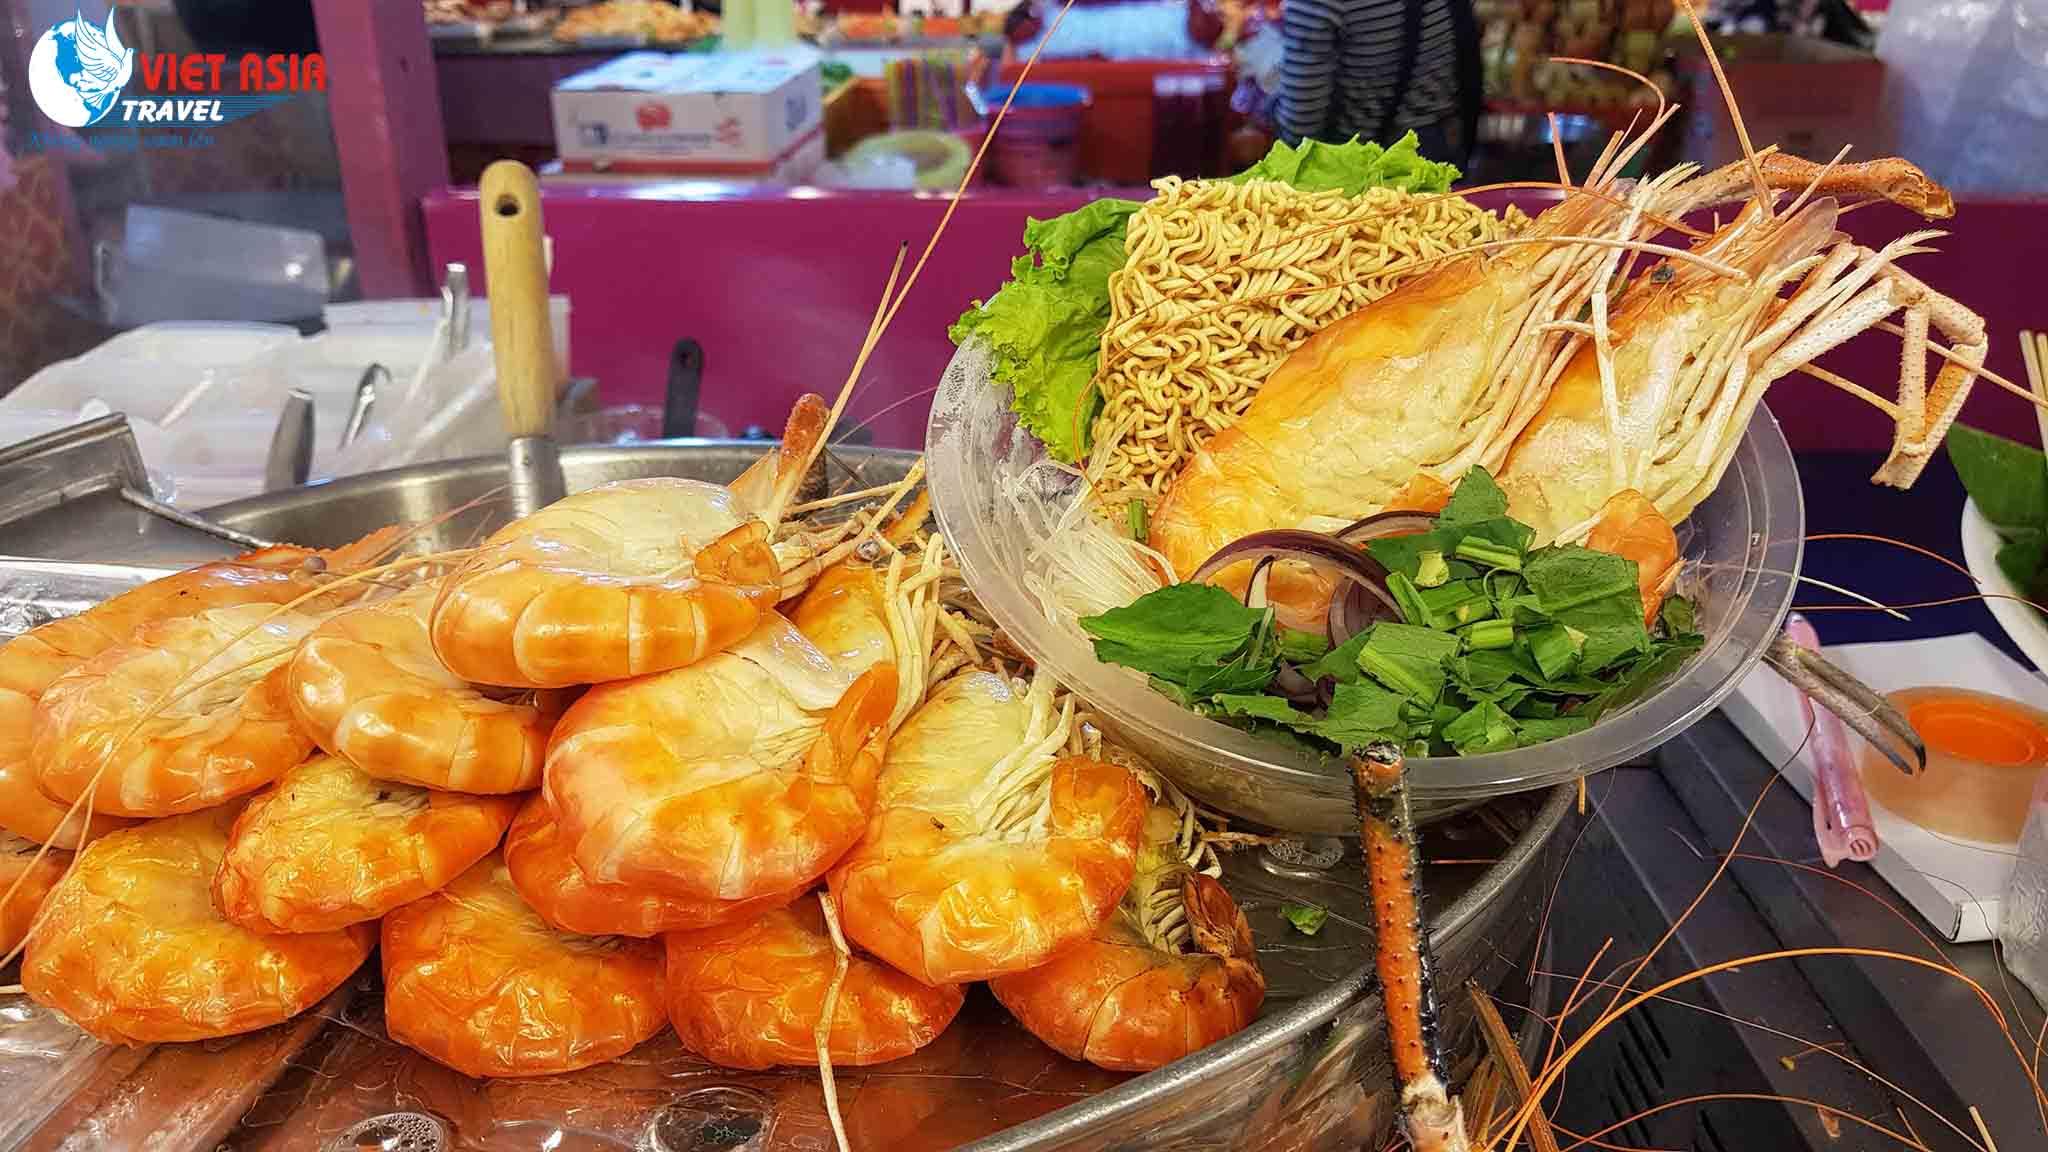 Văn hóa, ẩm thực du lịch Việt